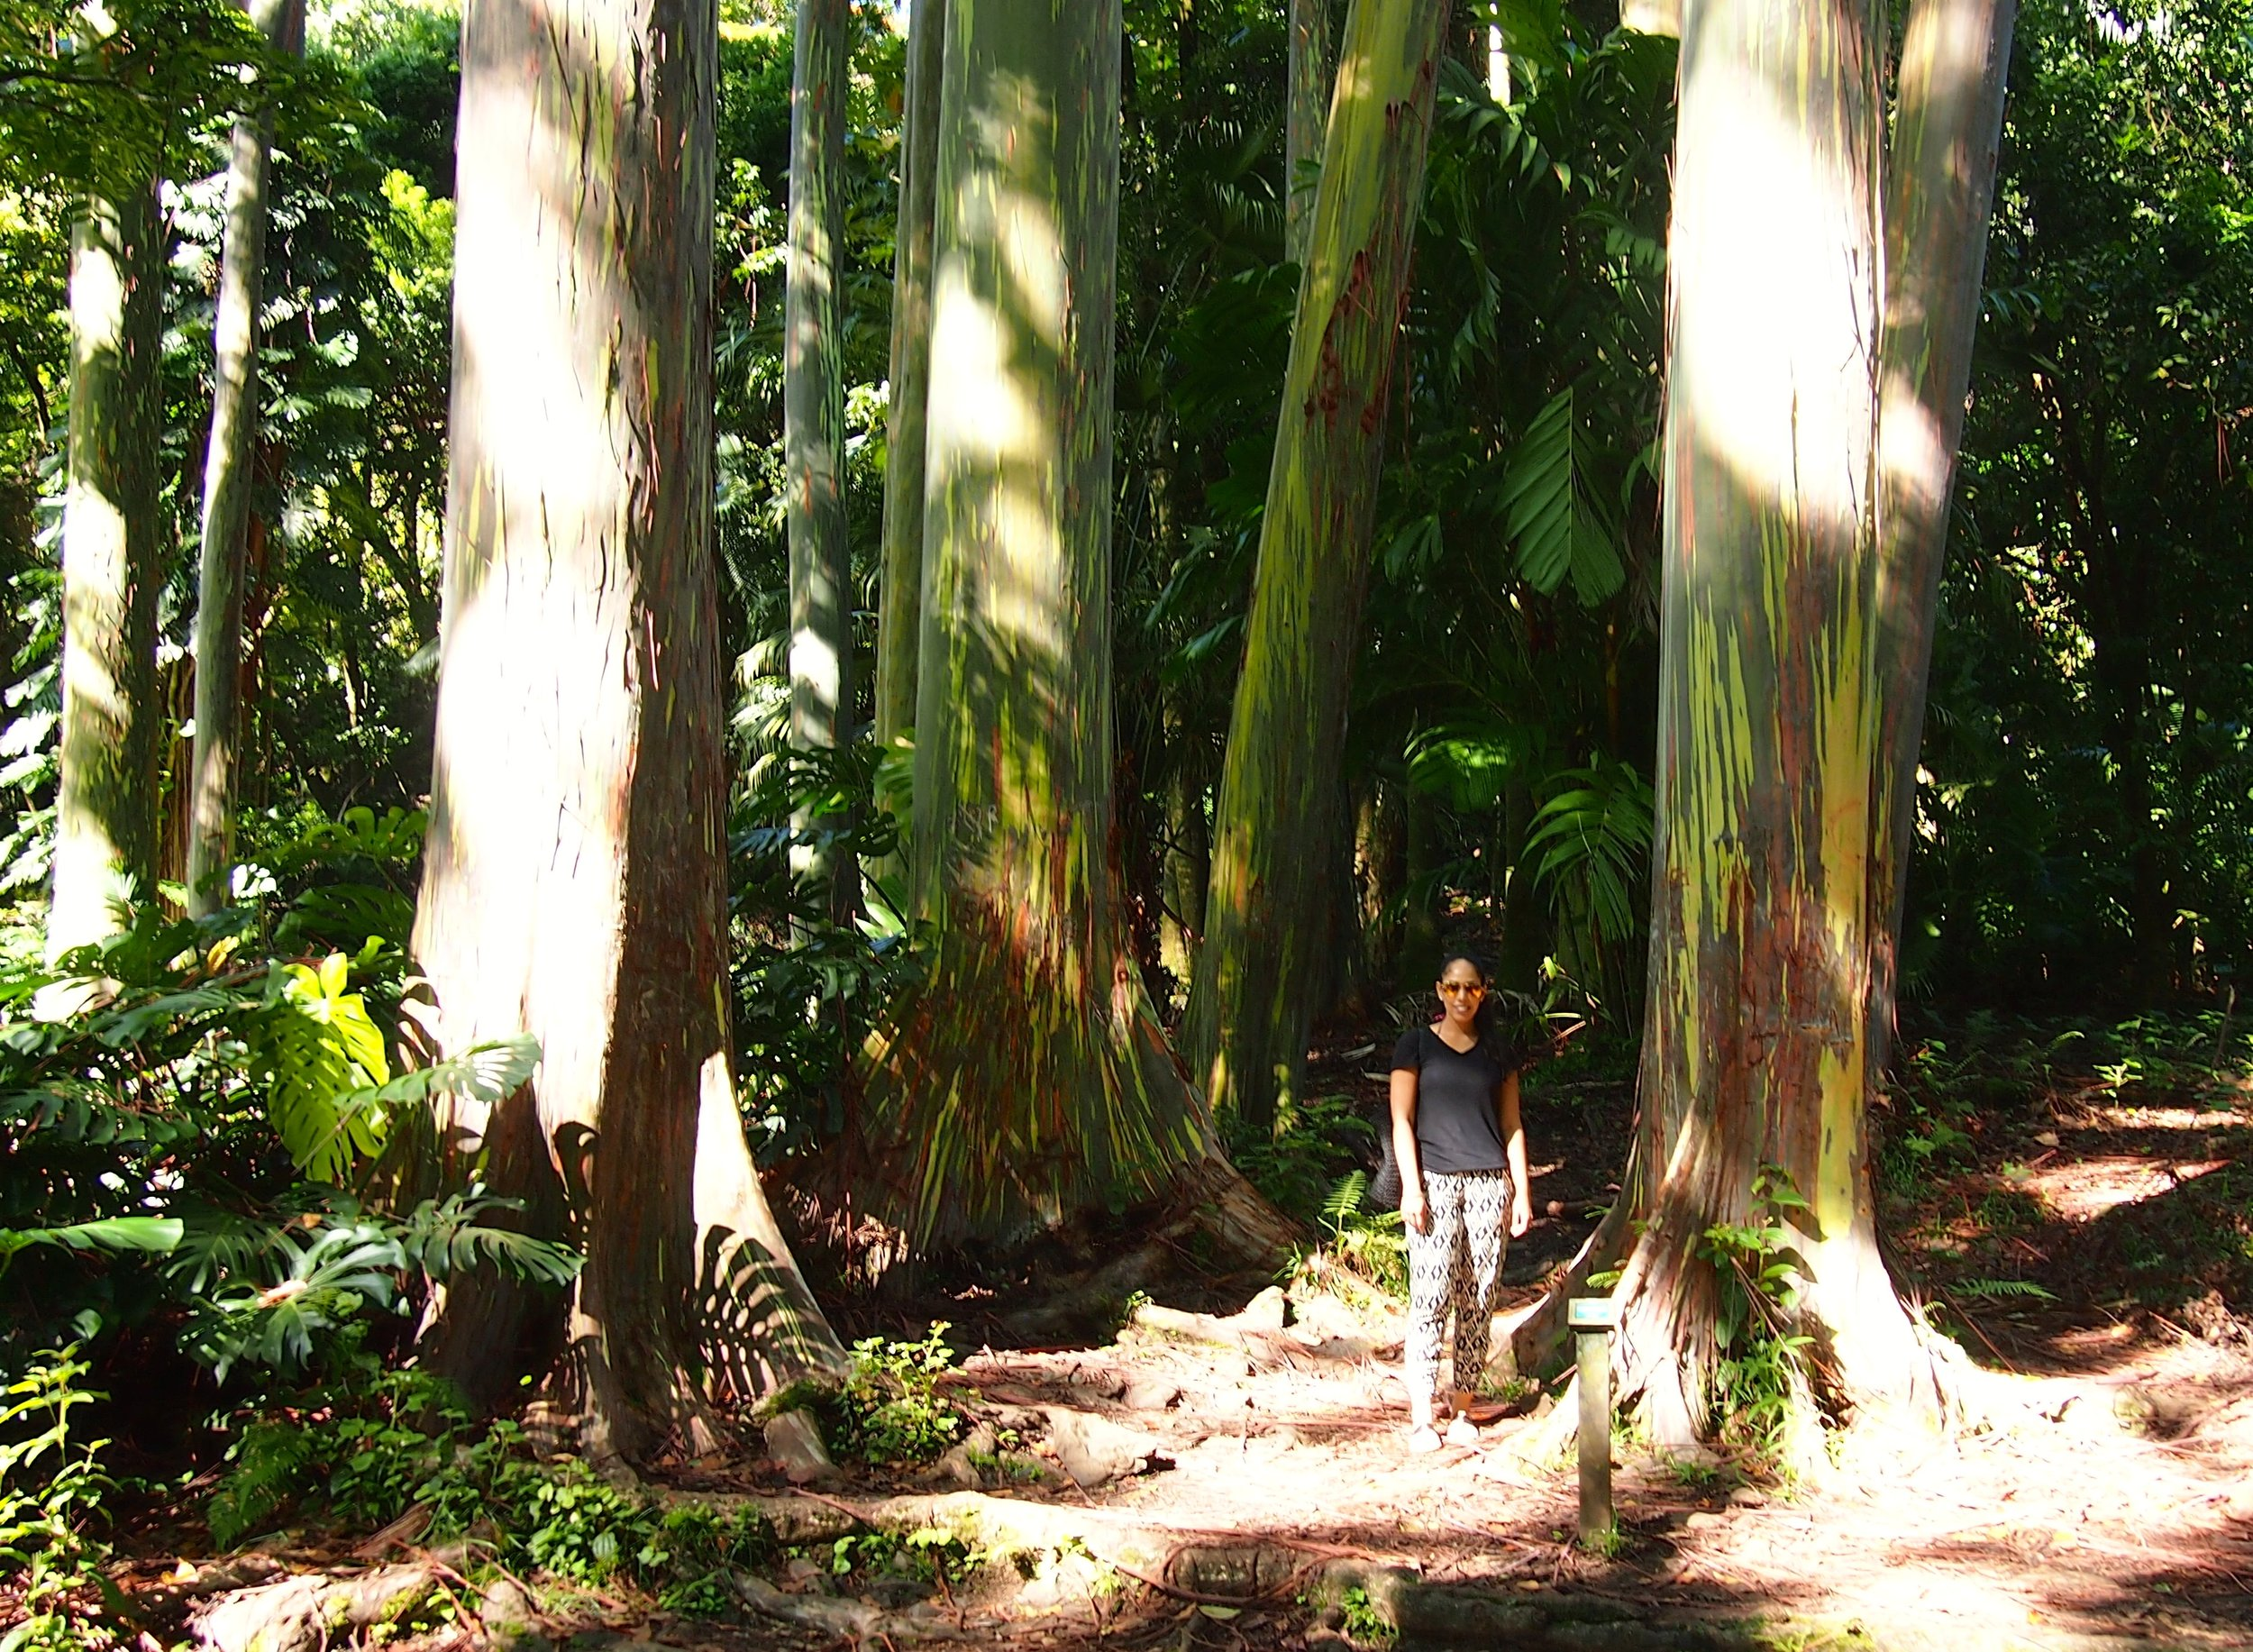 road-to-hana-rainbow-trees-one-week-maui-itinerary